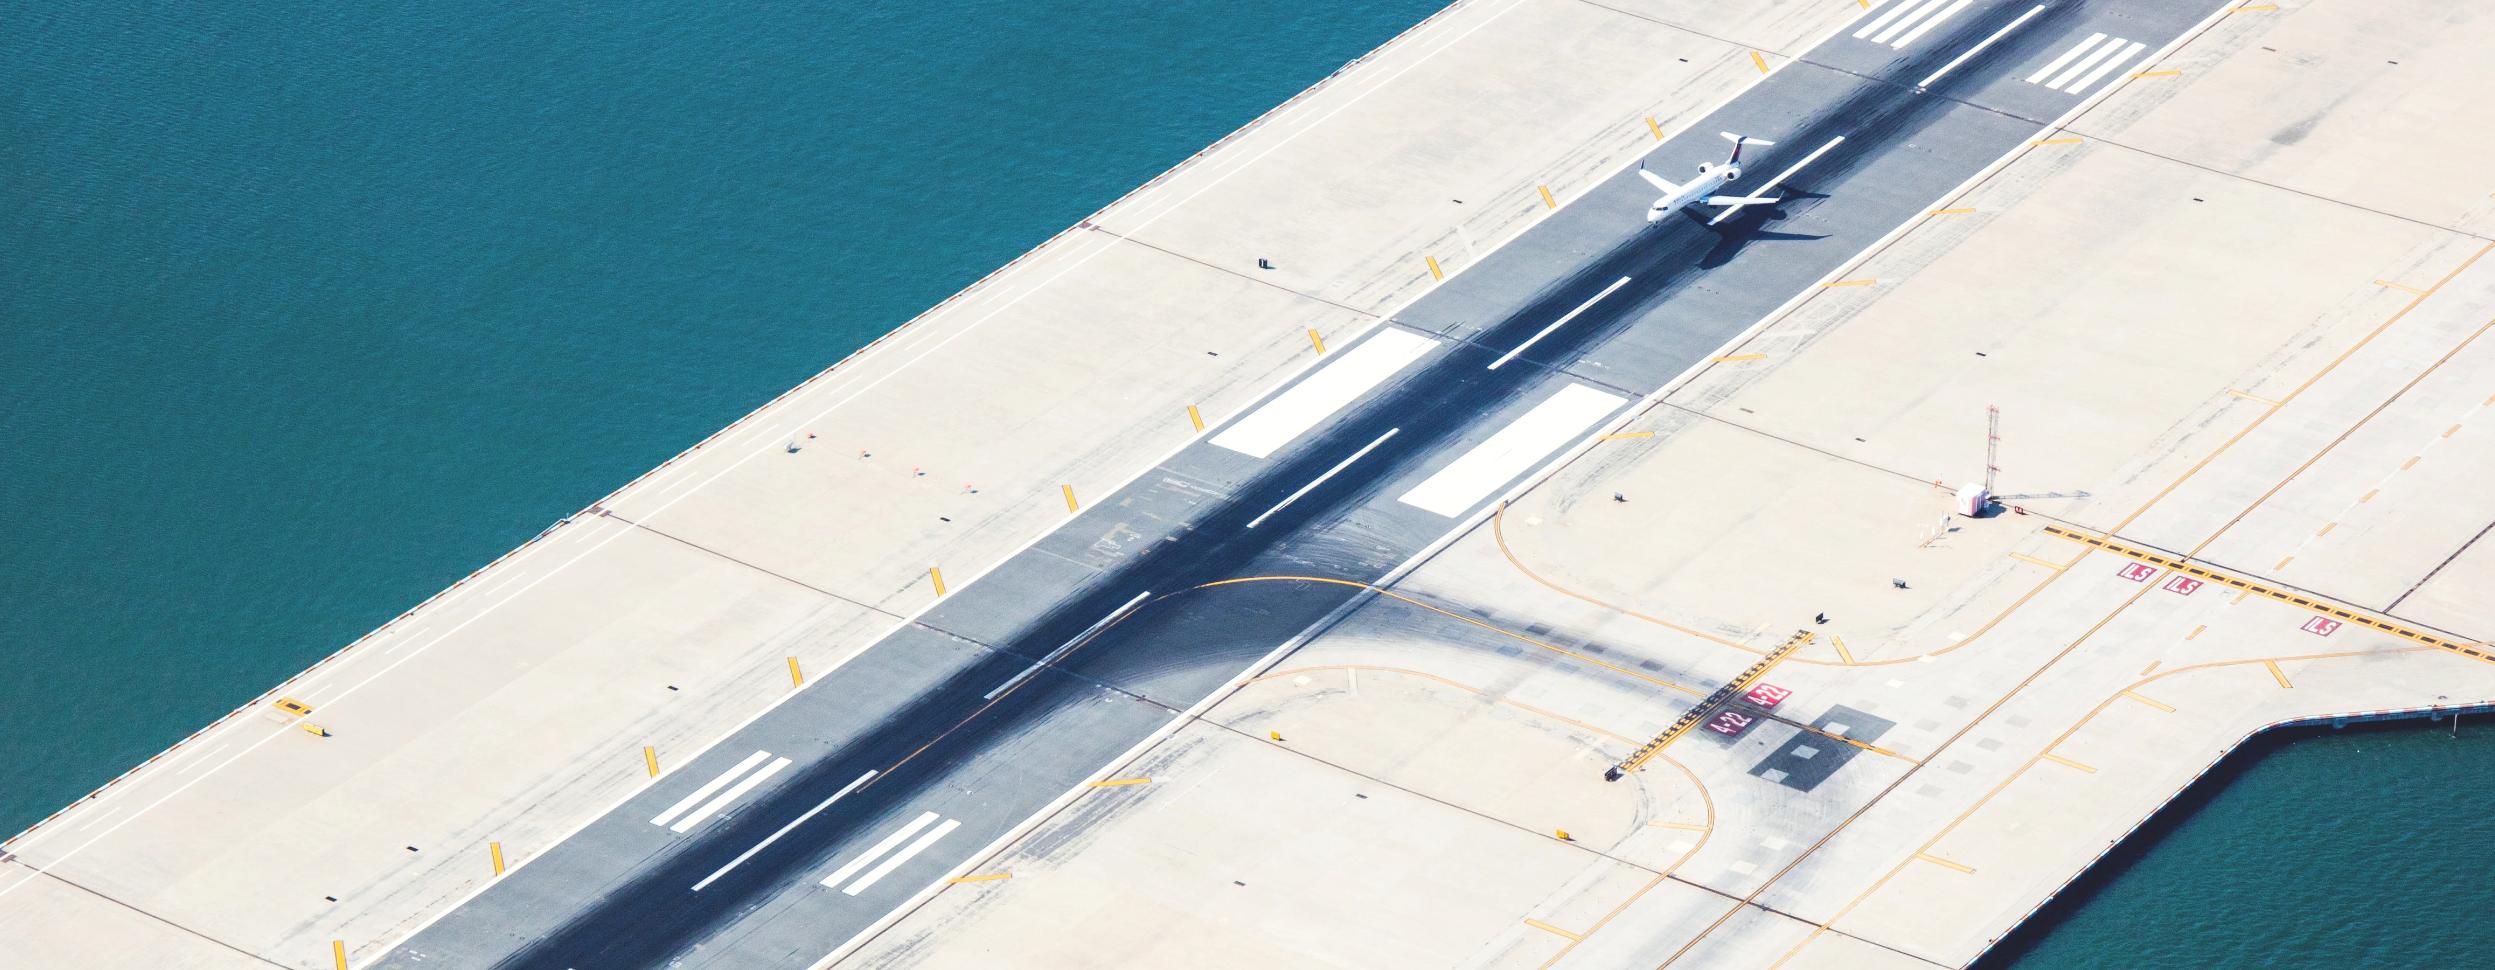 flight procedure design landing aircraft